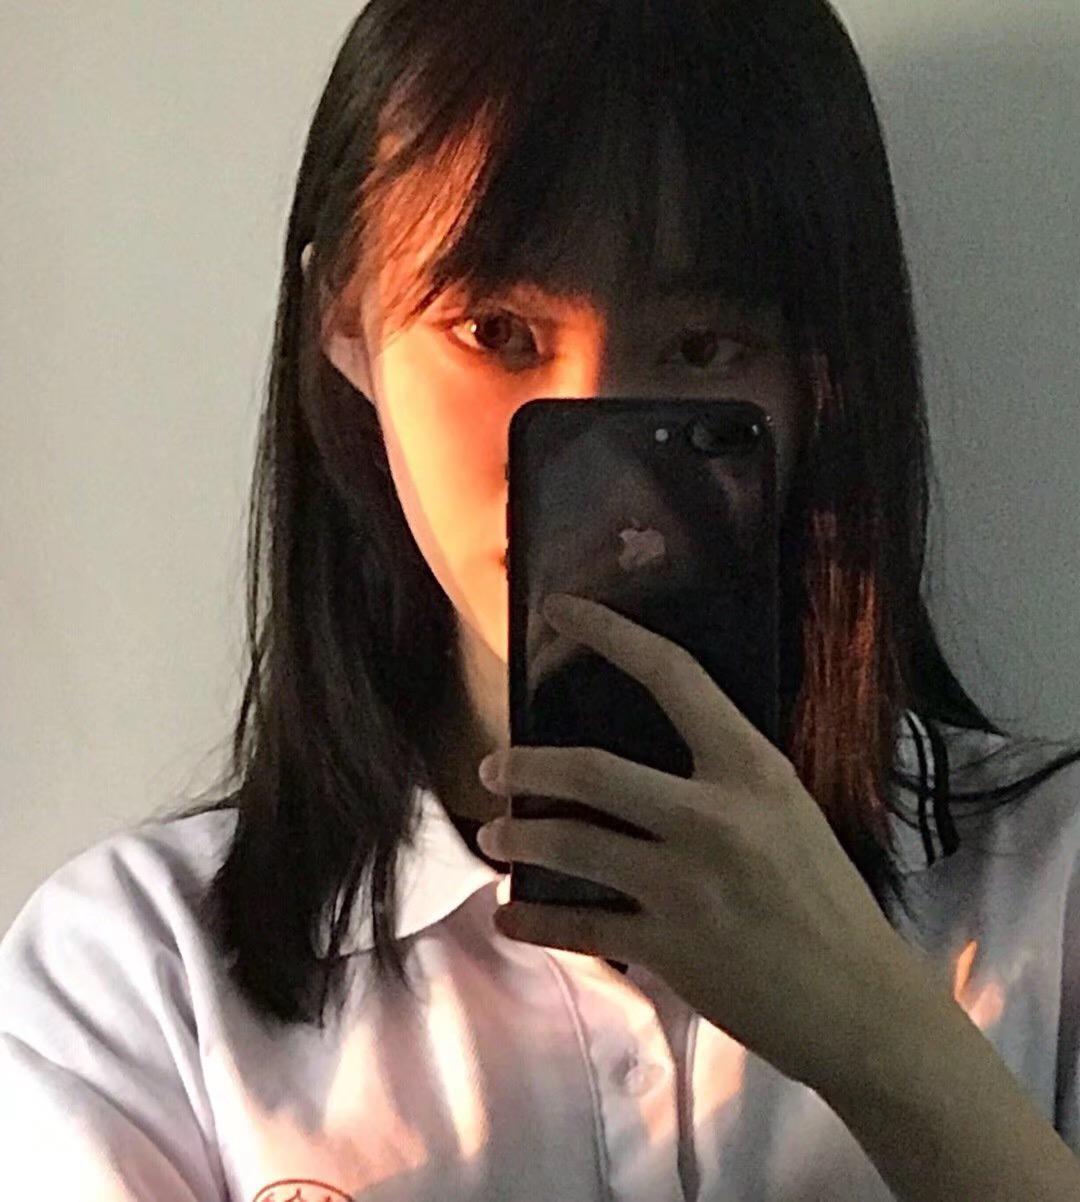 【重磅首发】超美新人福利姬【樱狸子】高价定制露脸流出